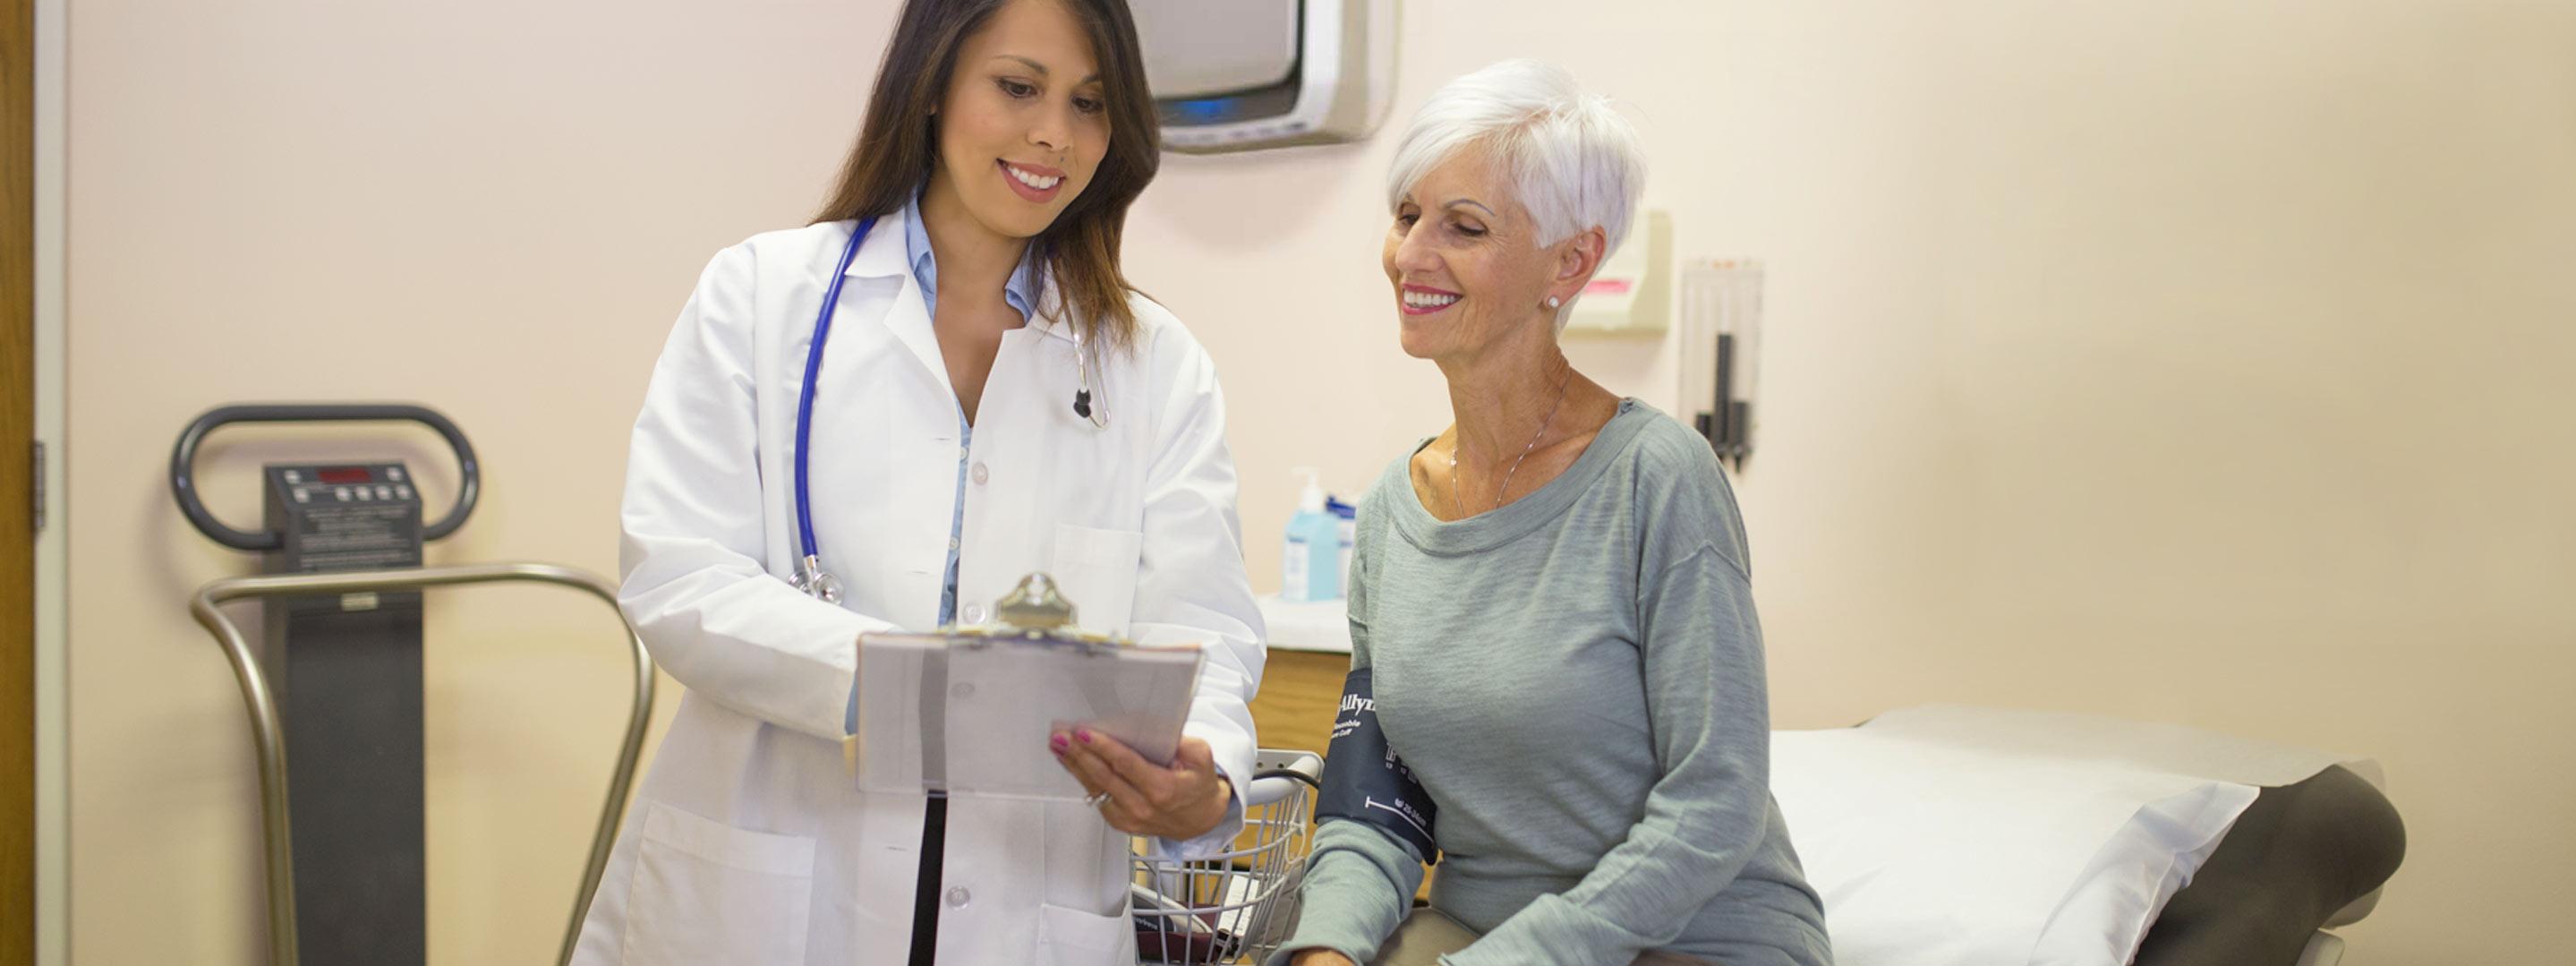 AreaMax Pro inom hälsovården